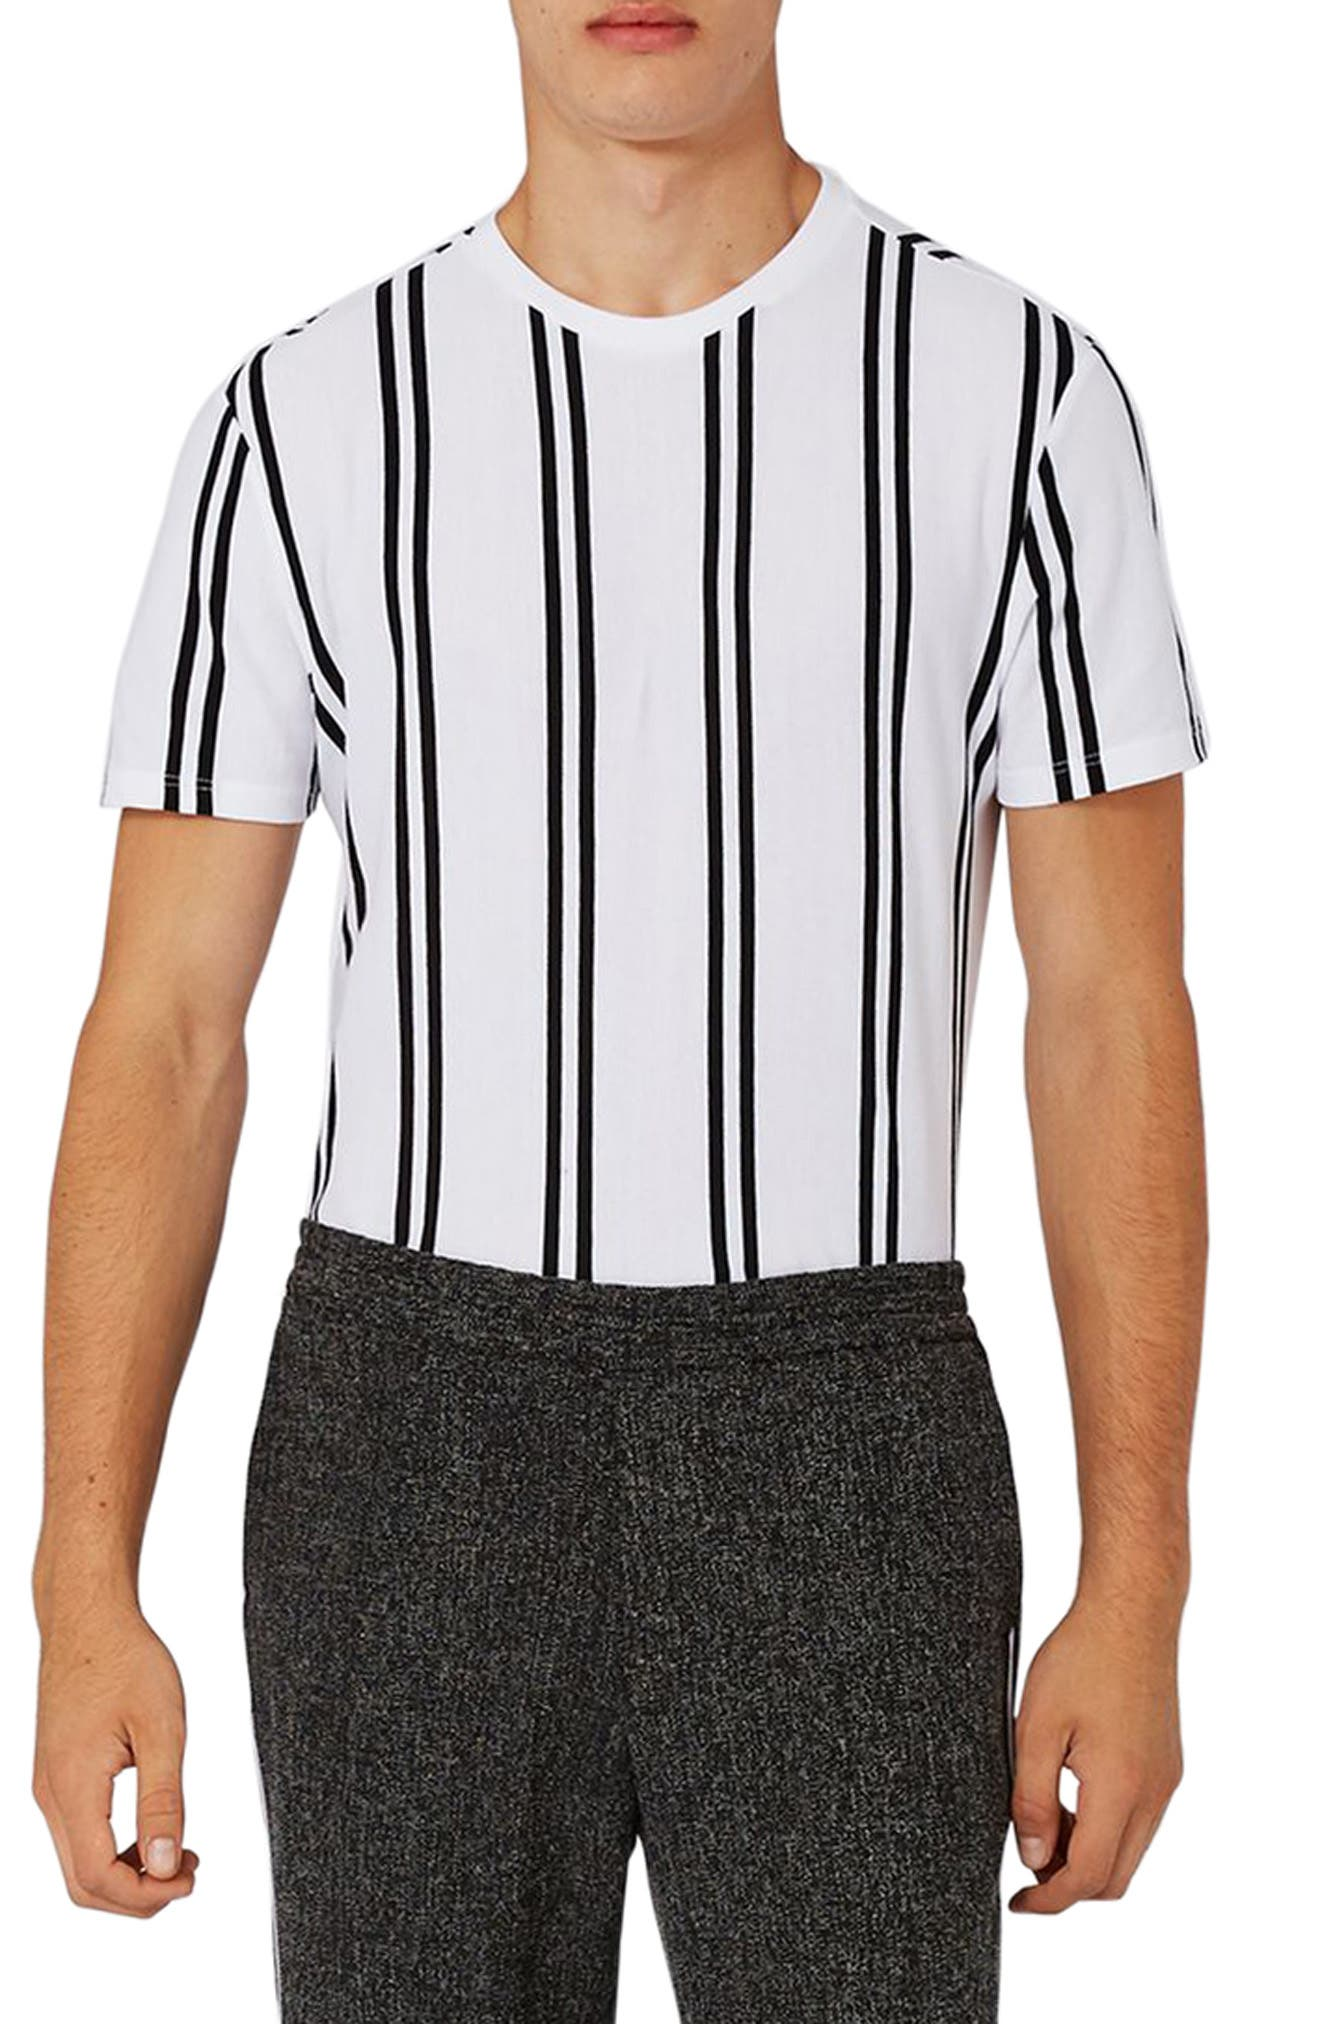 Dilan Stripe T-Shirt,                             Main thumbnail 1, color,                             White Multi